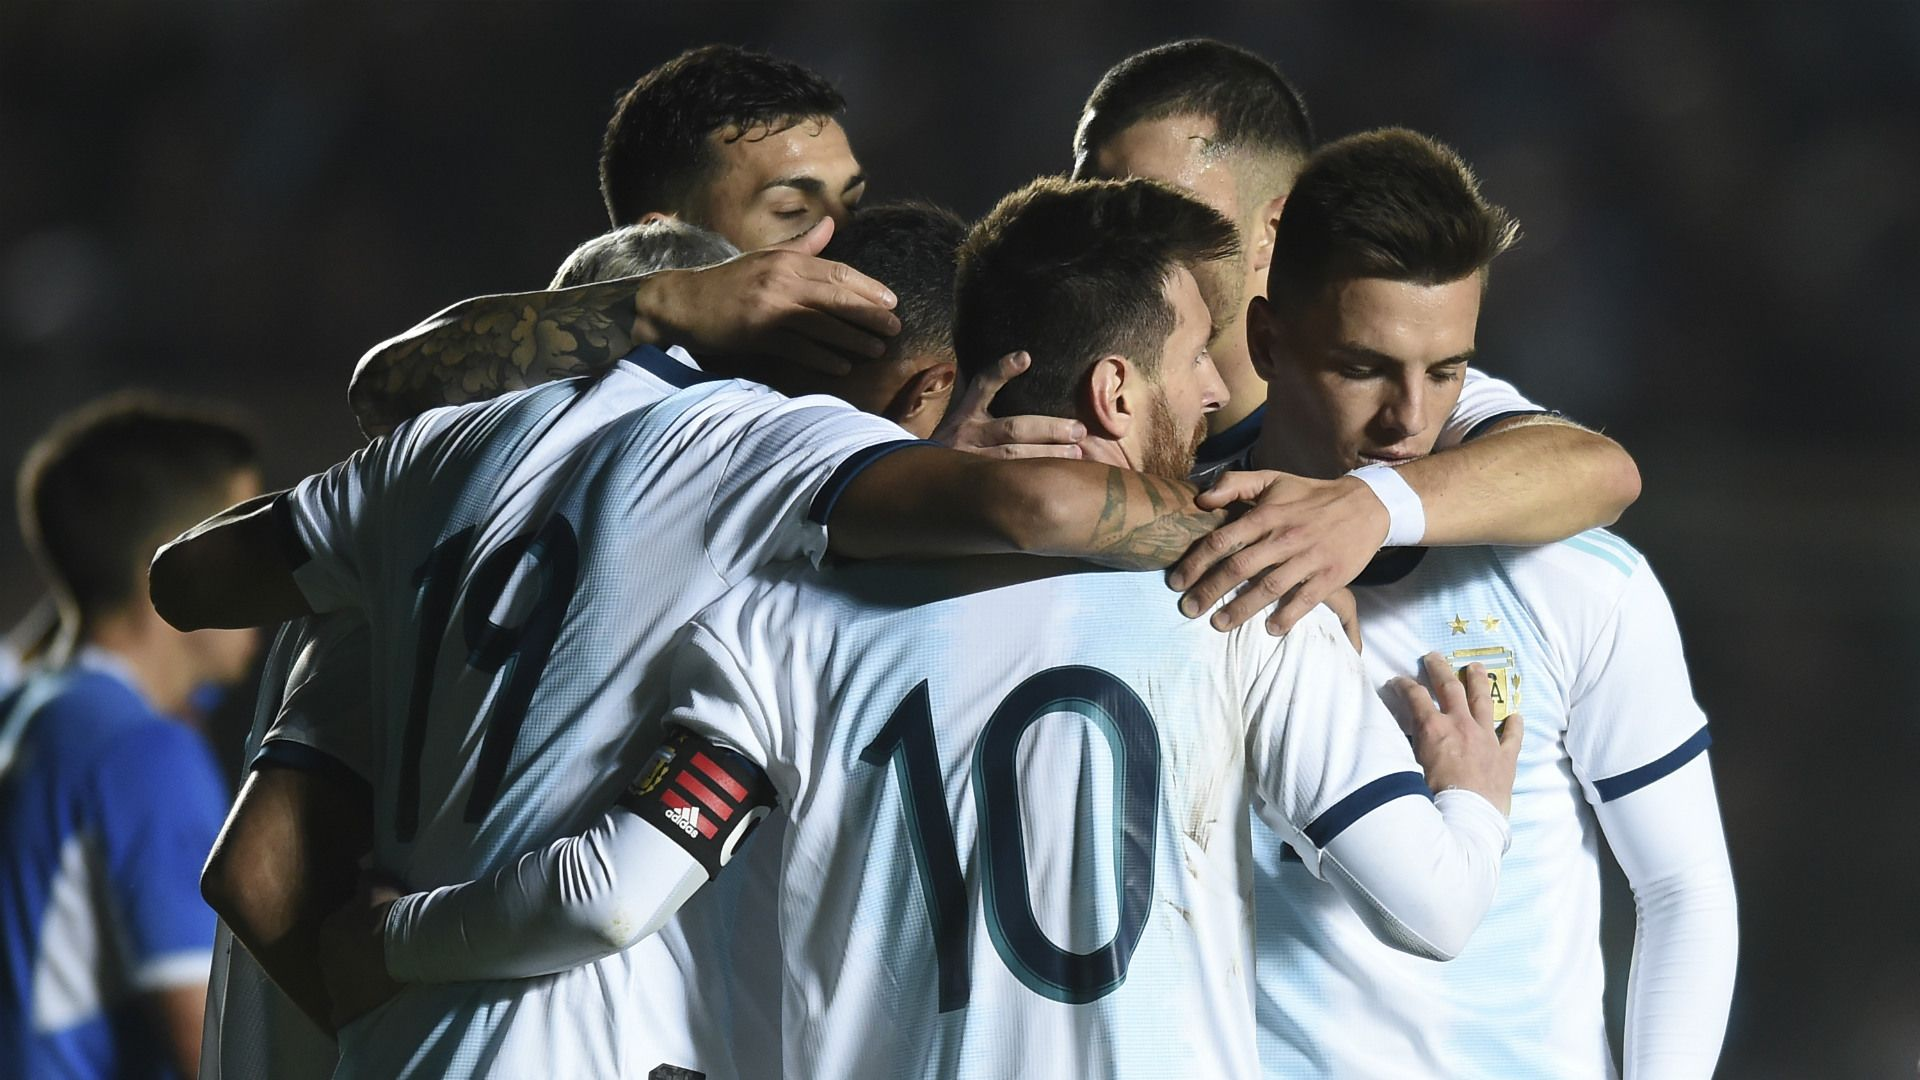 La noche sanjuanina a pleno; la última vez con público en las tribunas fue previo a la Copa América 2019.